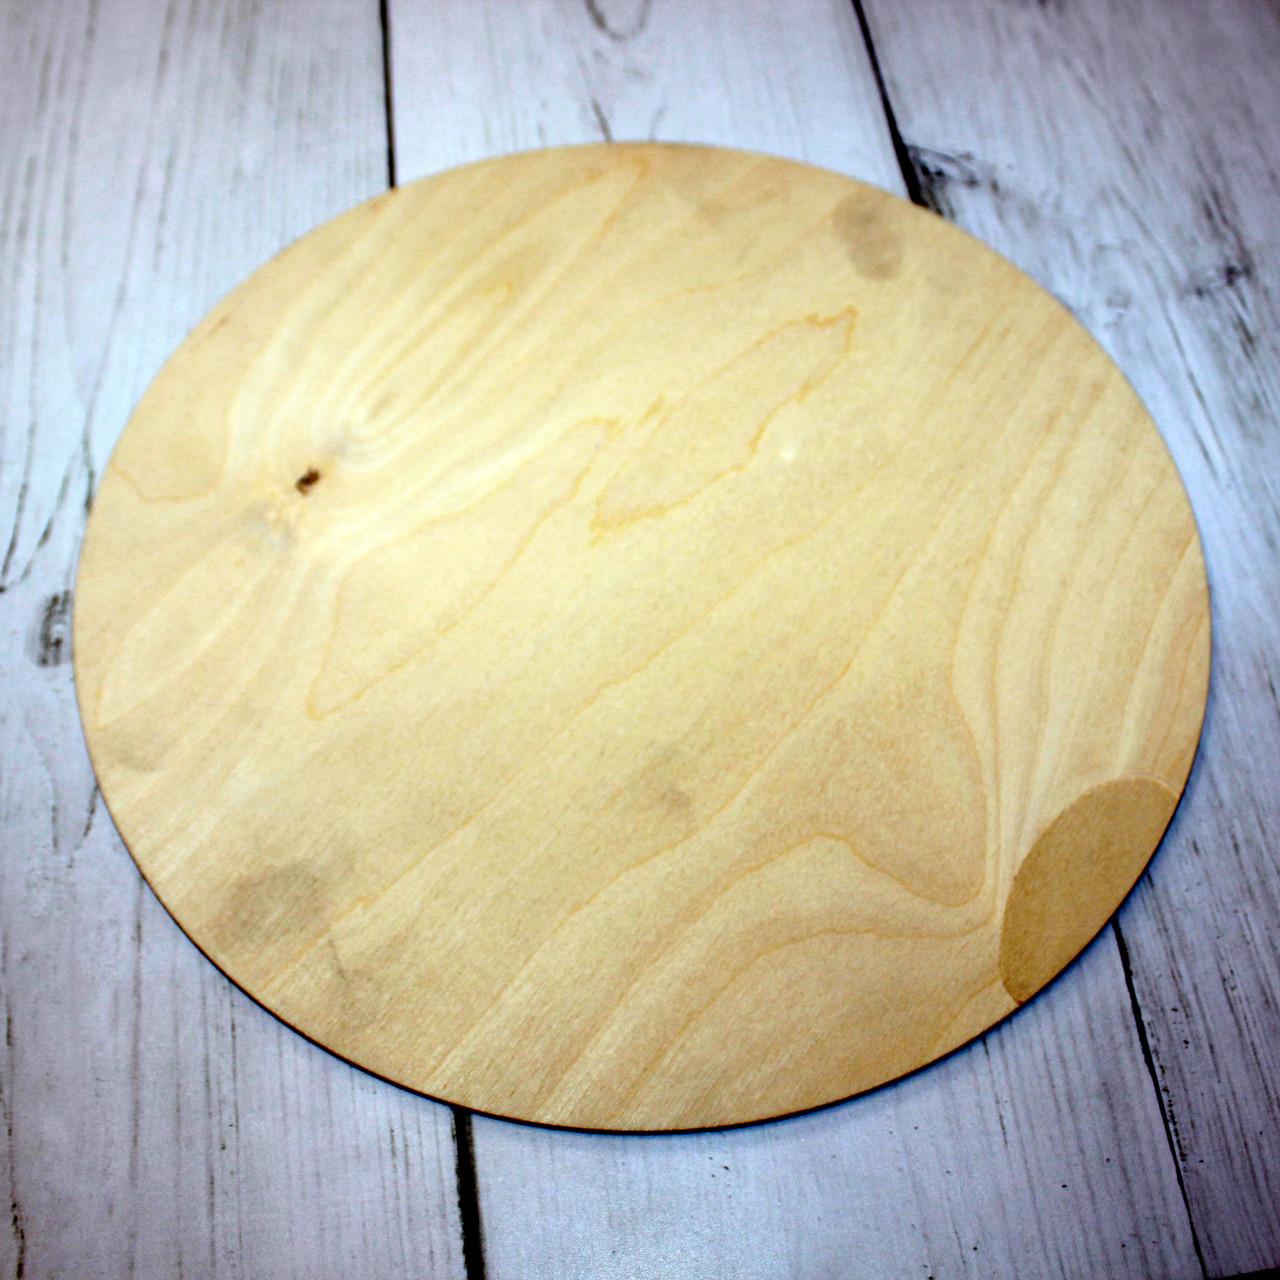 Деревянная подложка под торт 28 см